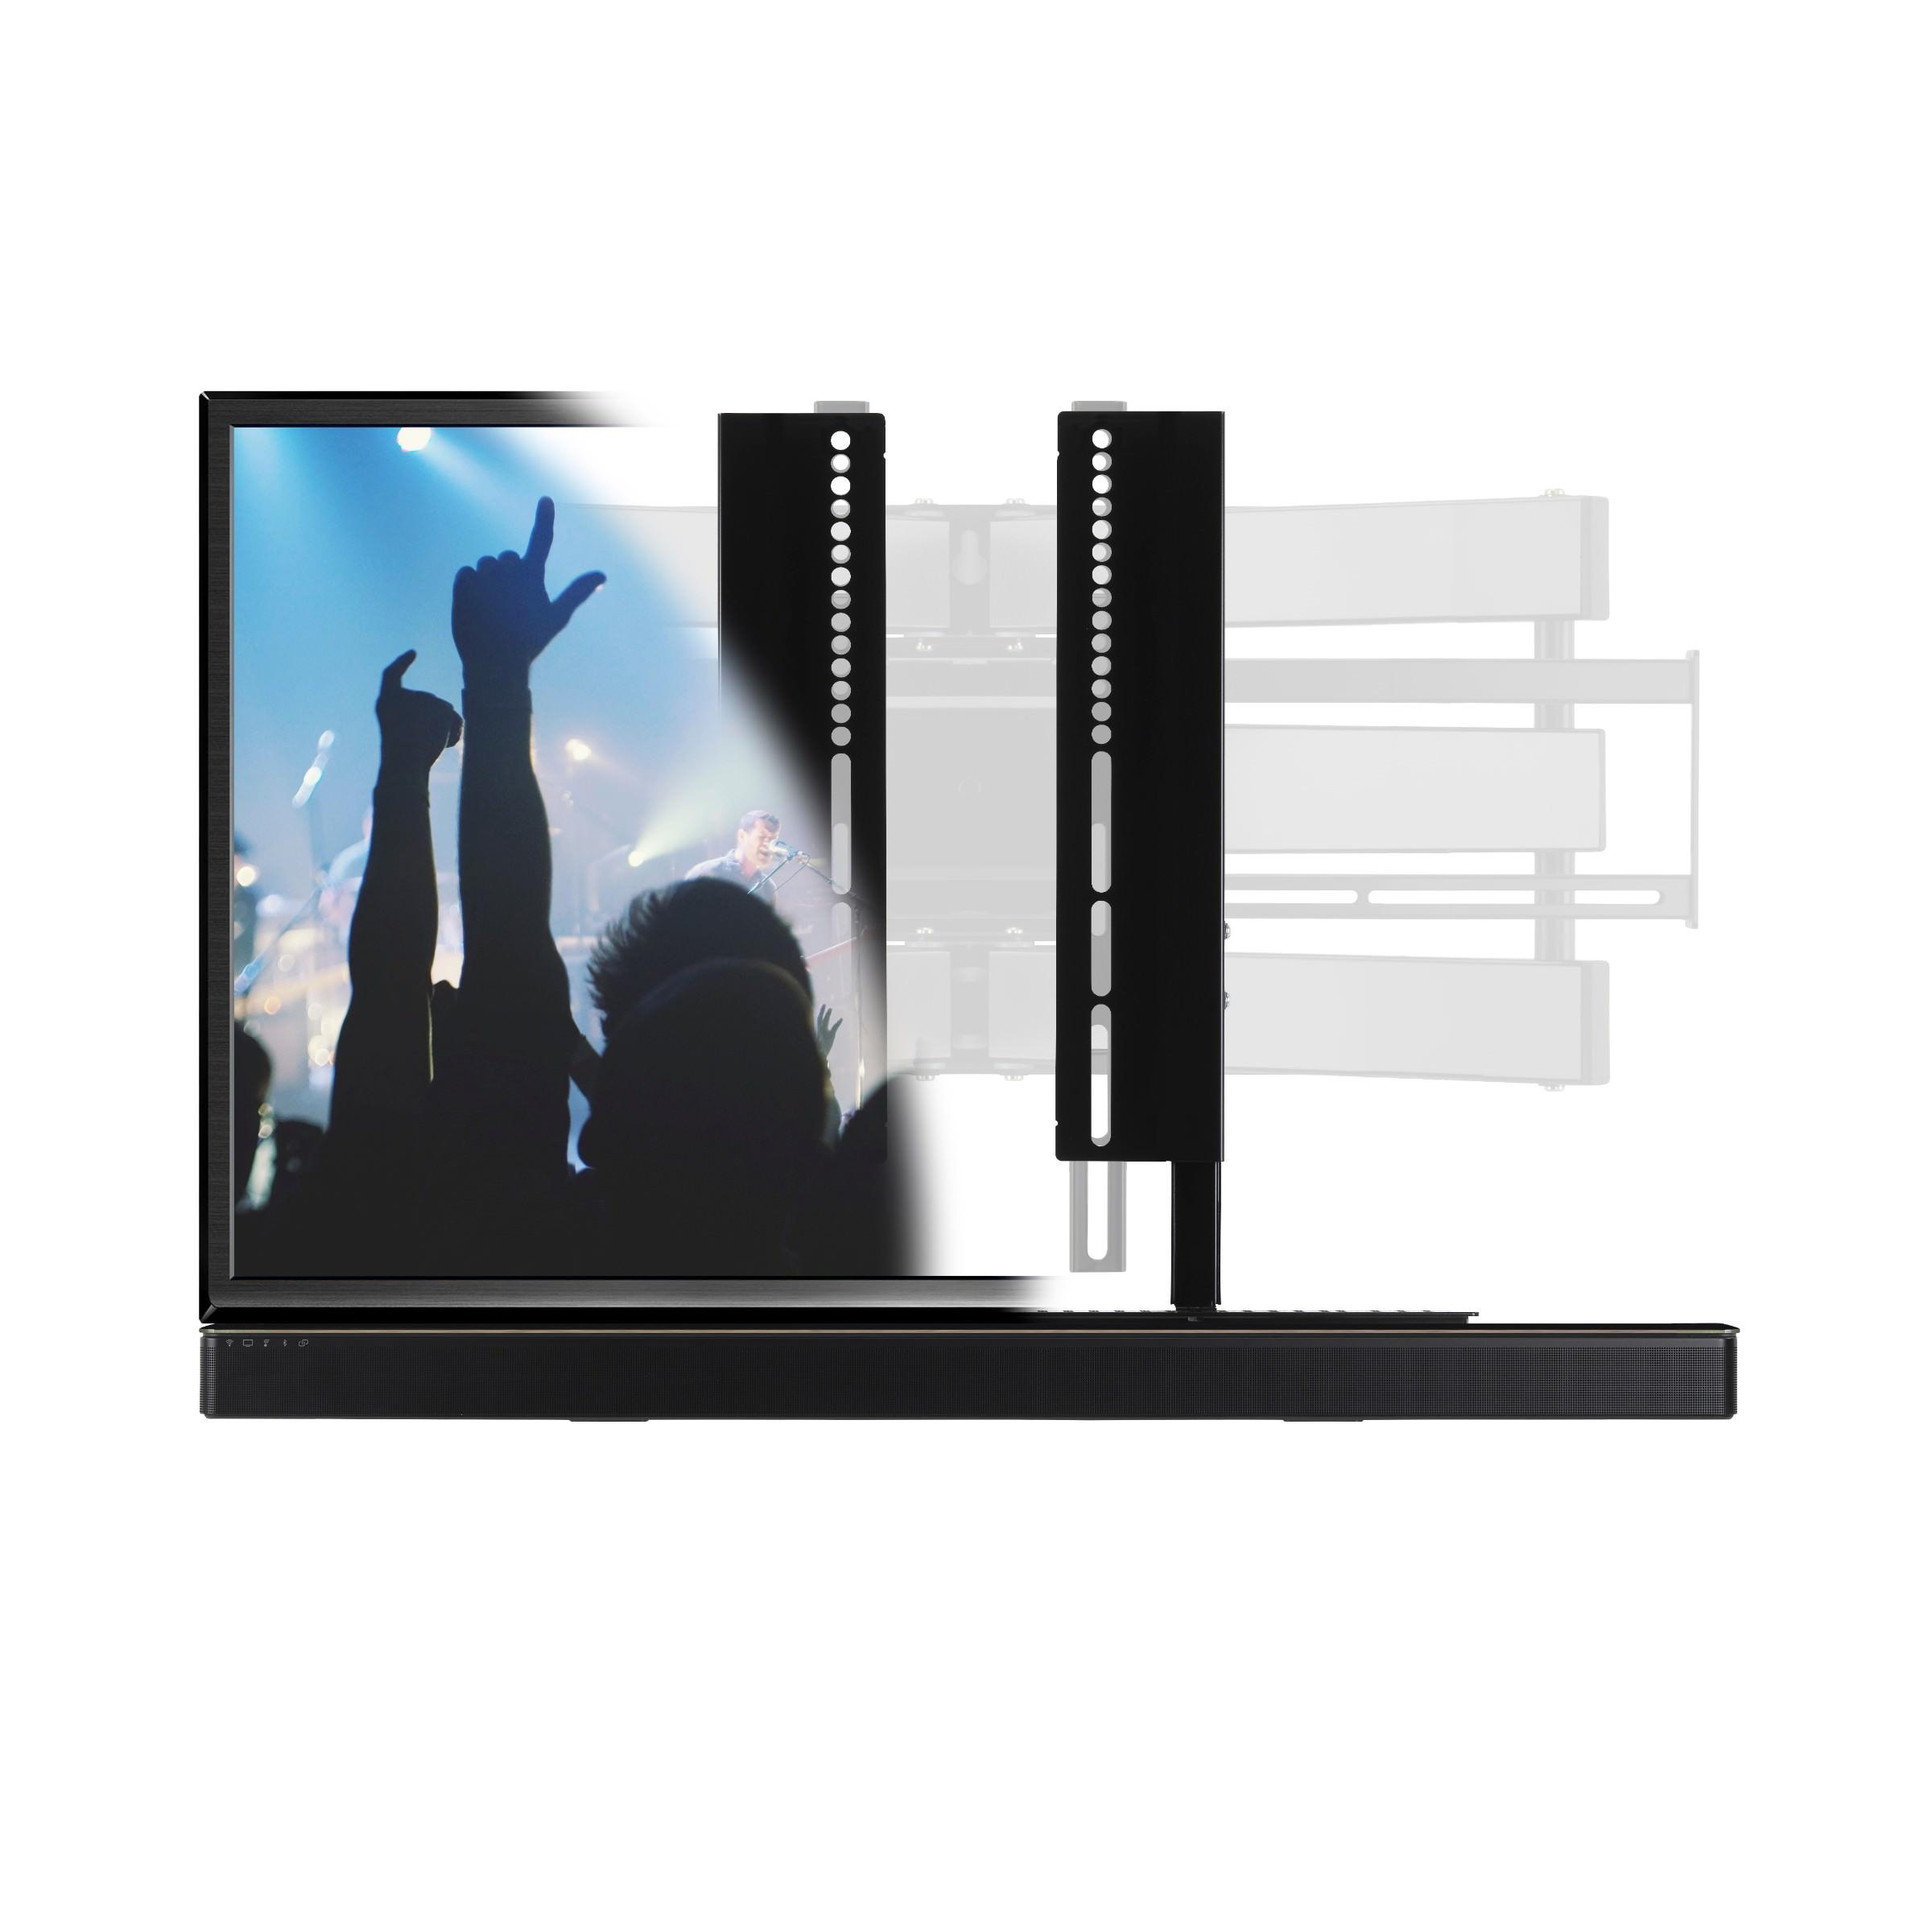 Bose SoundTouch 300 Soundbar TV beugel 2